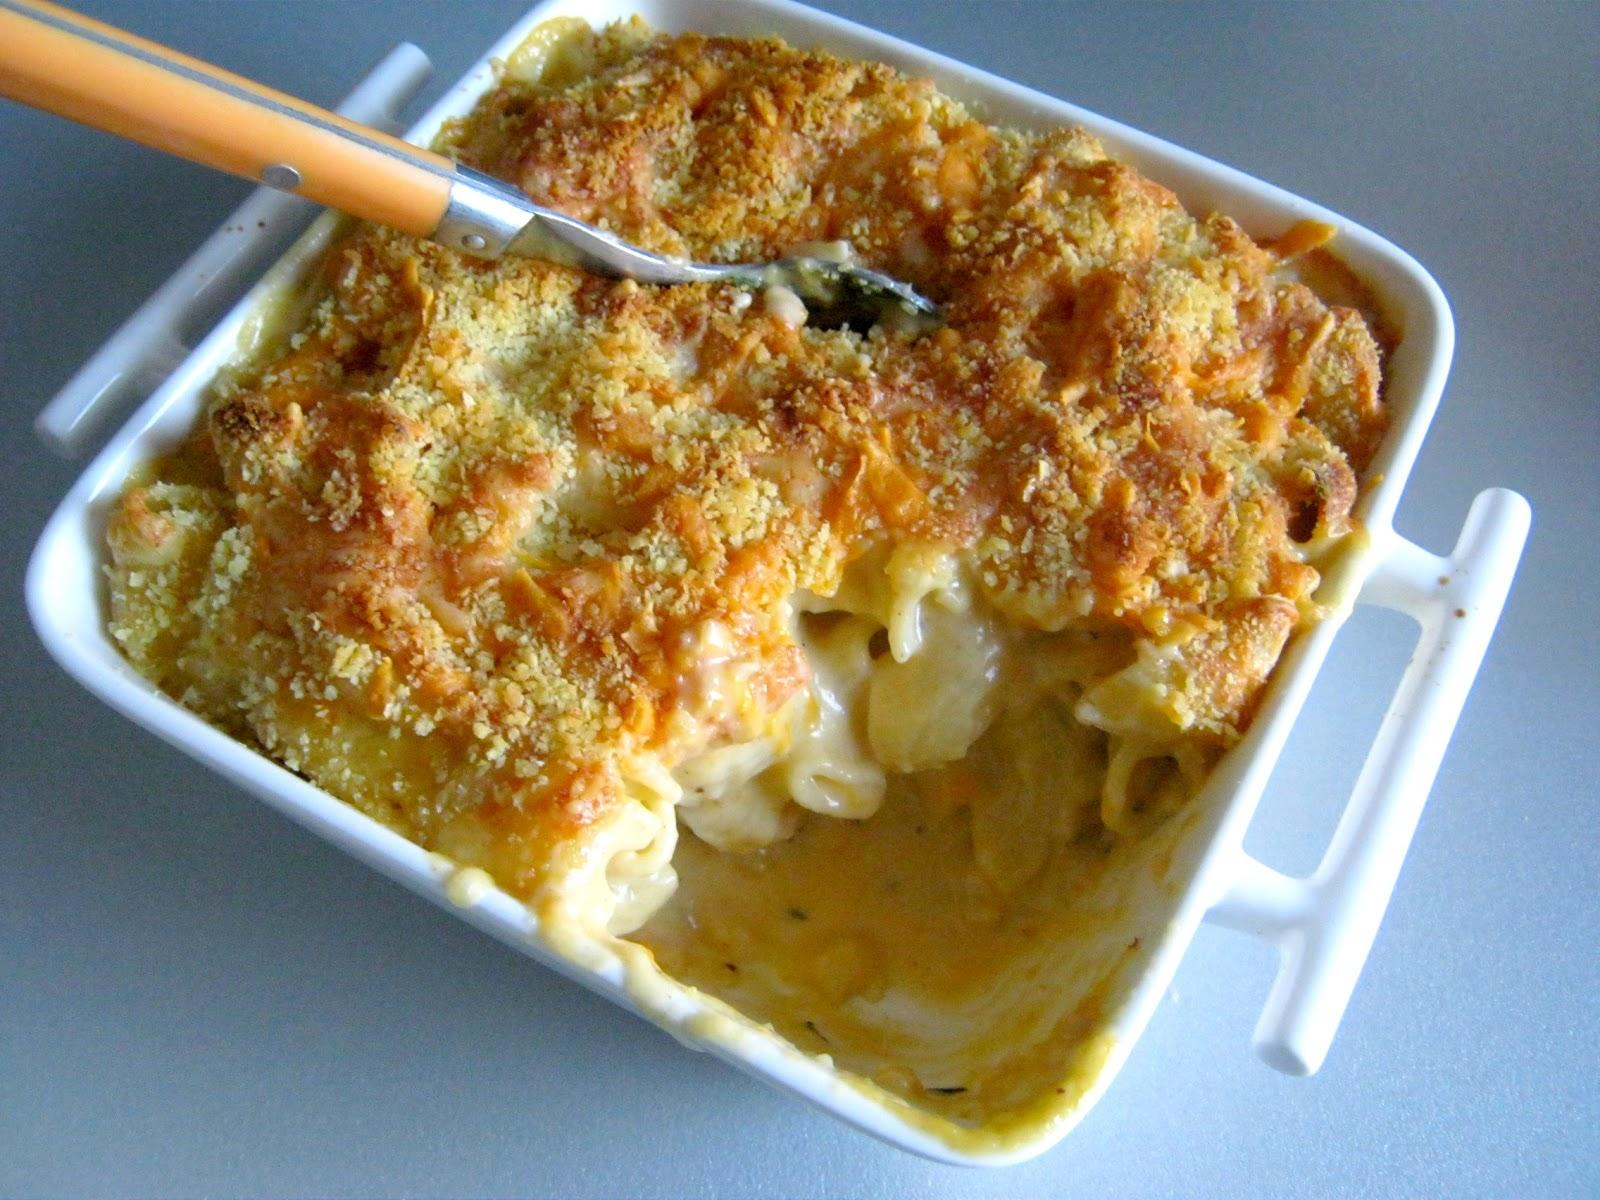 ... mac n cheese steamy kitchen recipes mac n cheese kitchen sink mac n